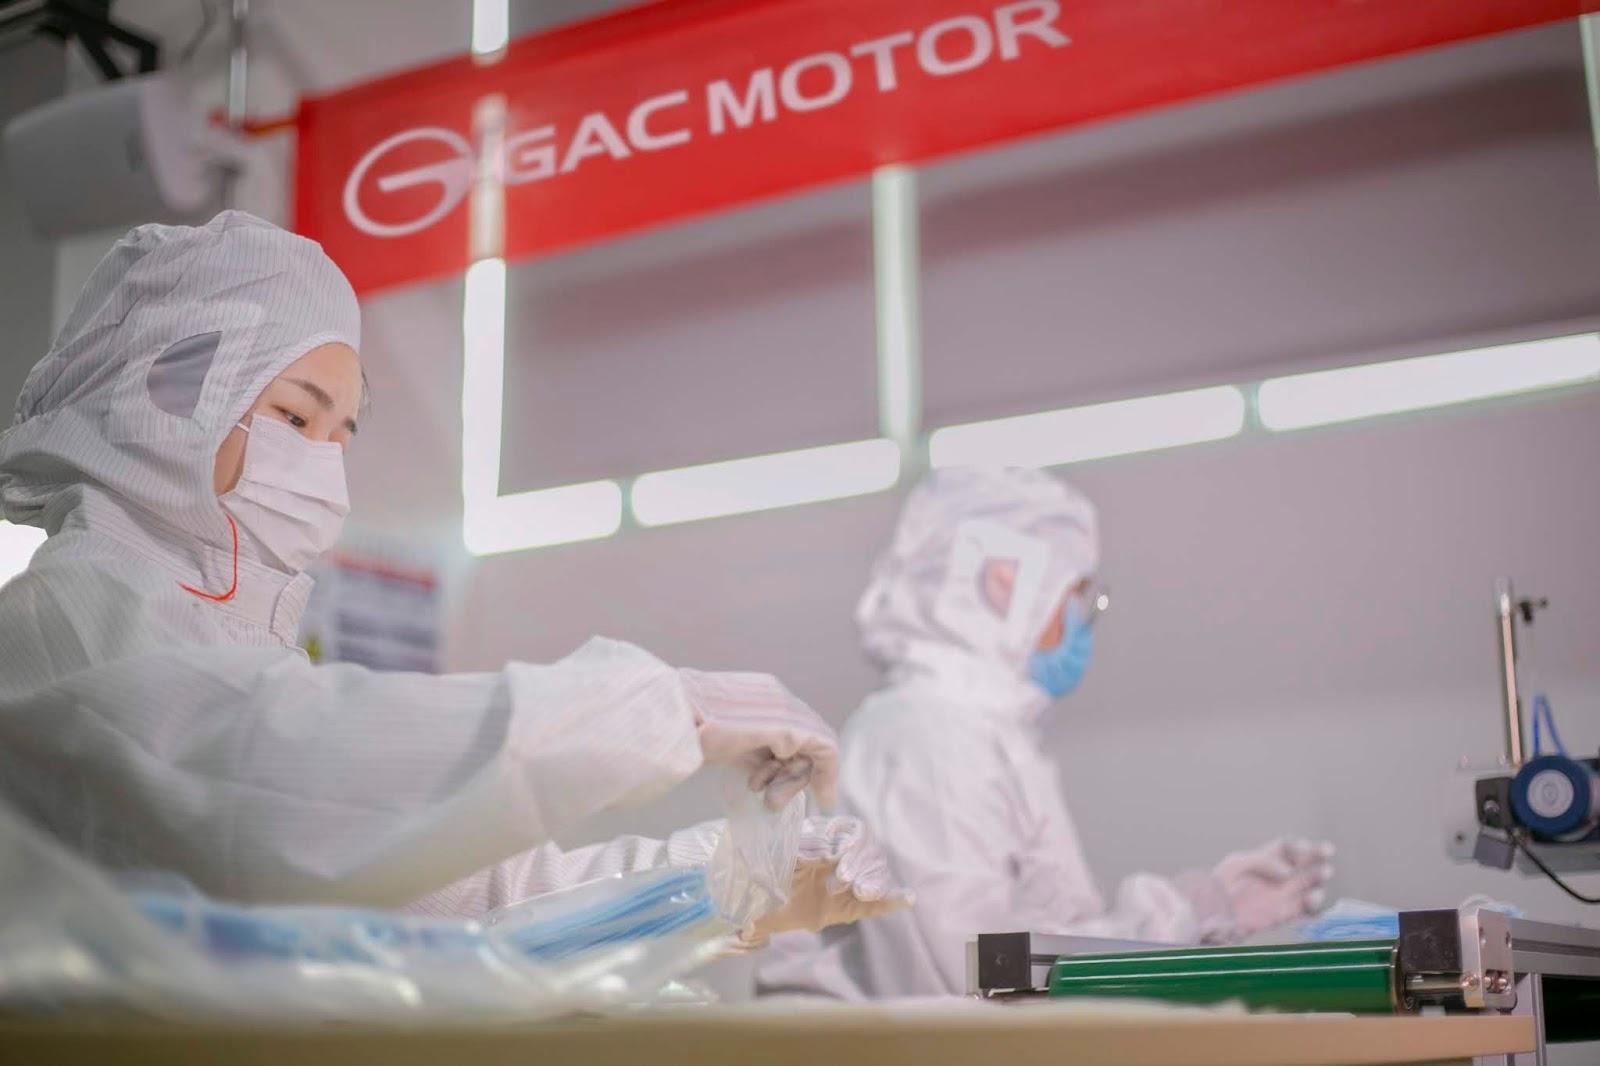 Gac Group se suma a la emergencia mundial por el Covid-19 con la producción de mascarillas para donación